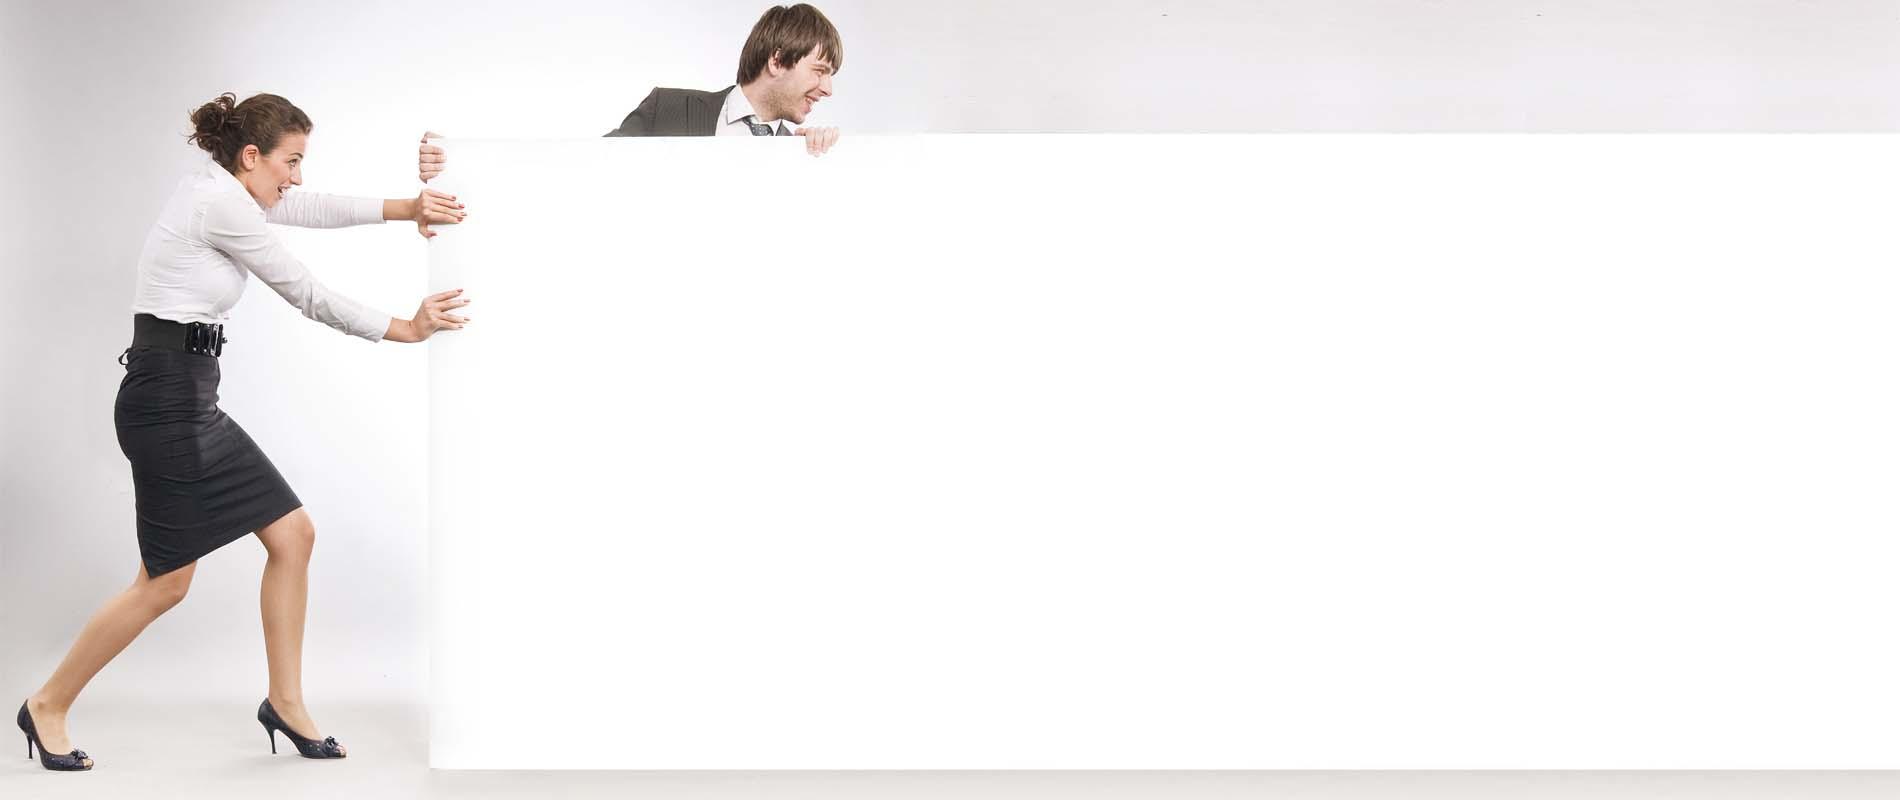 654c75ef7fe Création Site Web Internet Professionnel PACA Prix Tarif Pack Devis -  Agence Web 83